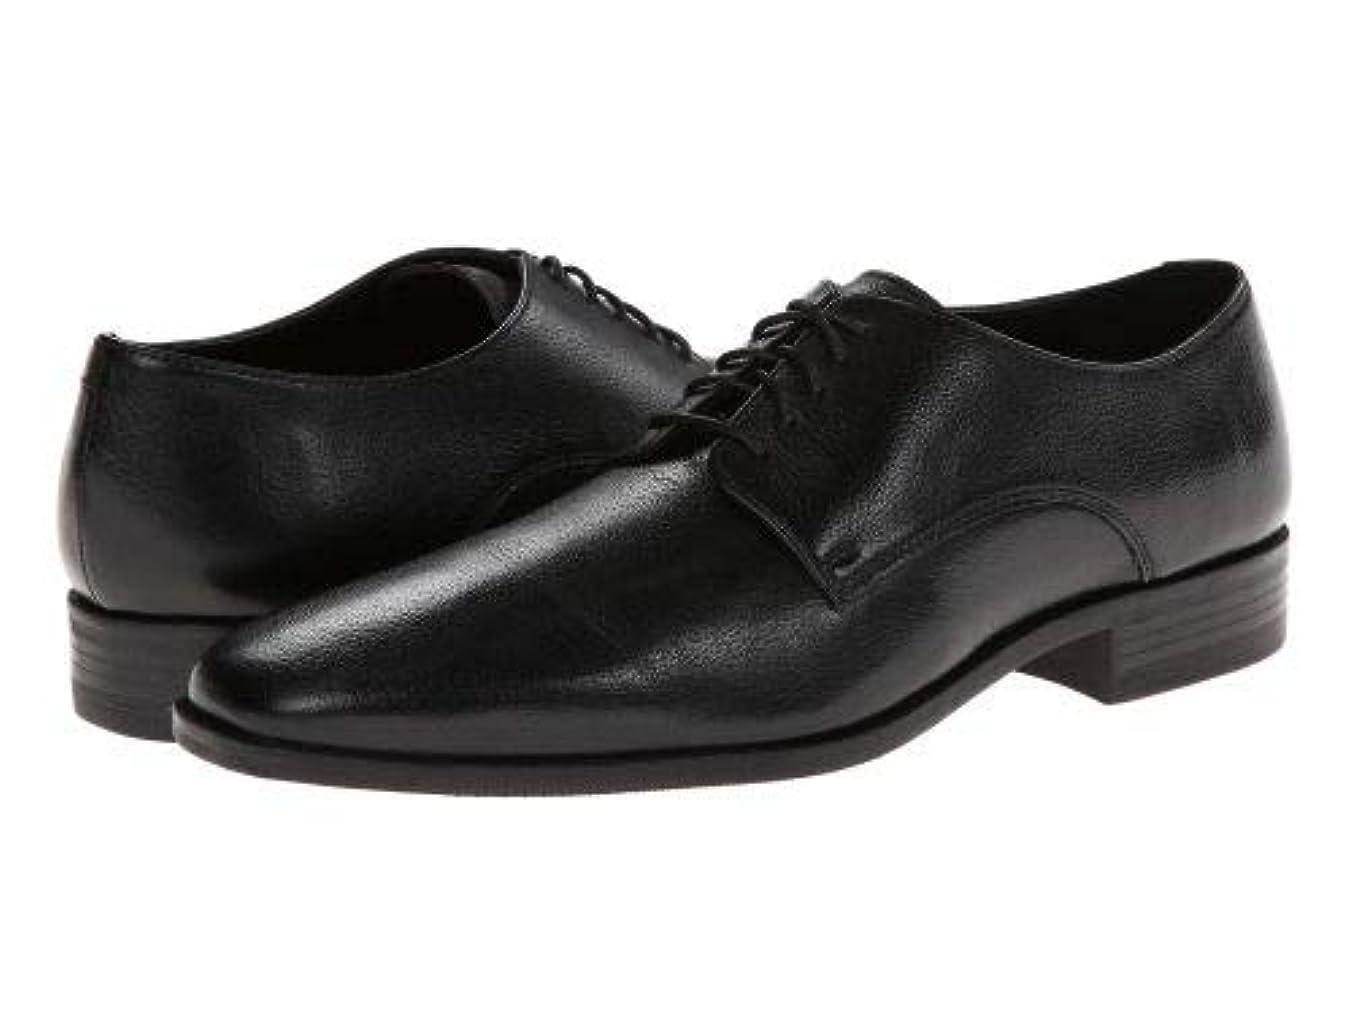 影響キウイ診療所Cole Haan(コールハーン) メンズ 男性用 シューズ 靴 オックスフォード 紳士靴 通勤靴 Kilgore Plain Toe - Black [並行輸入品]